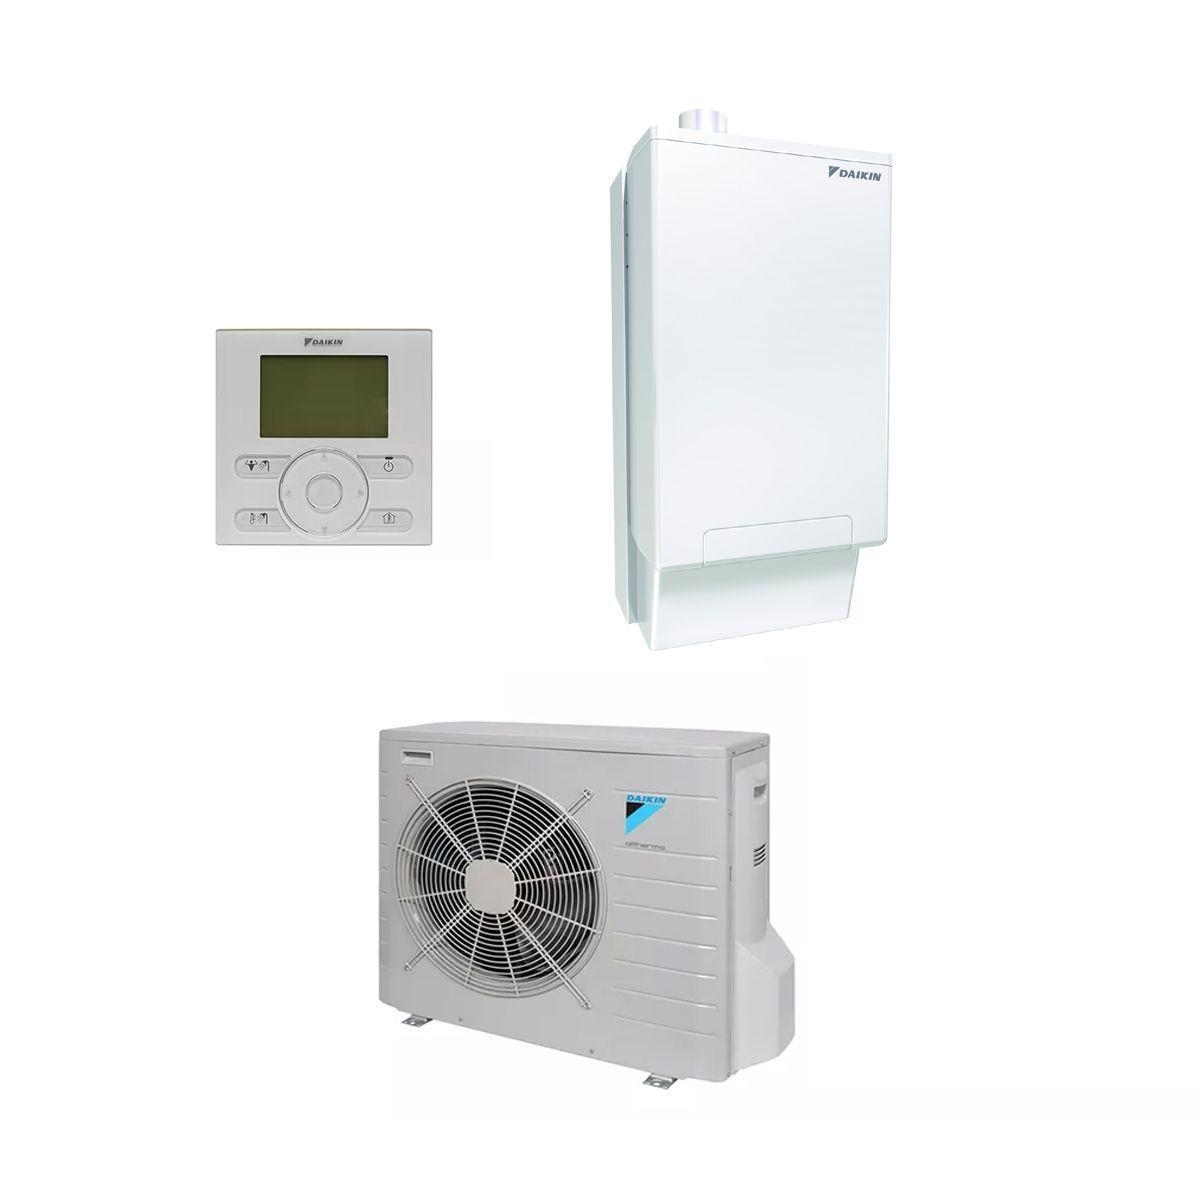 Daikin EVLQ-CV3 Hybrid Heat-Pump Boiler System Installation Kit 240V ...